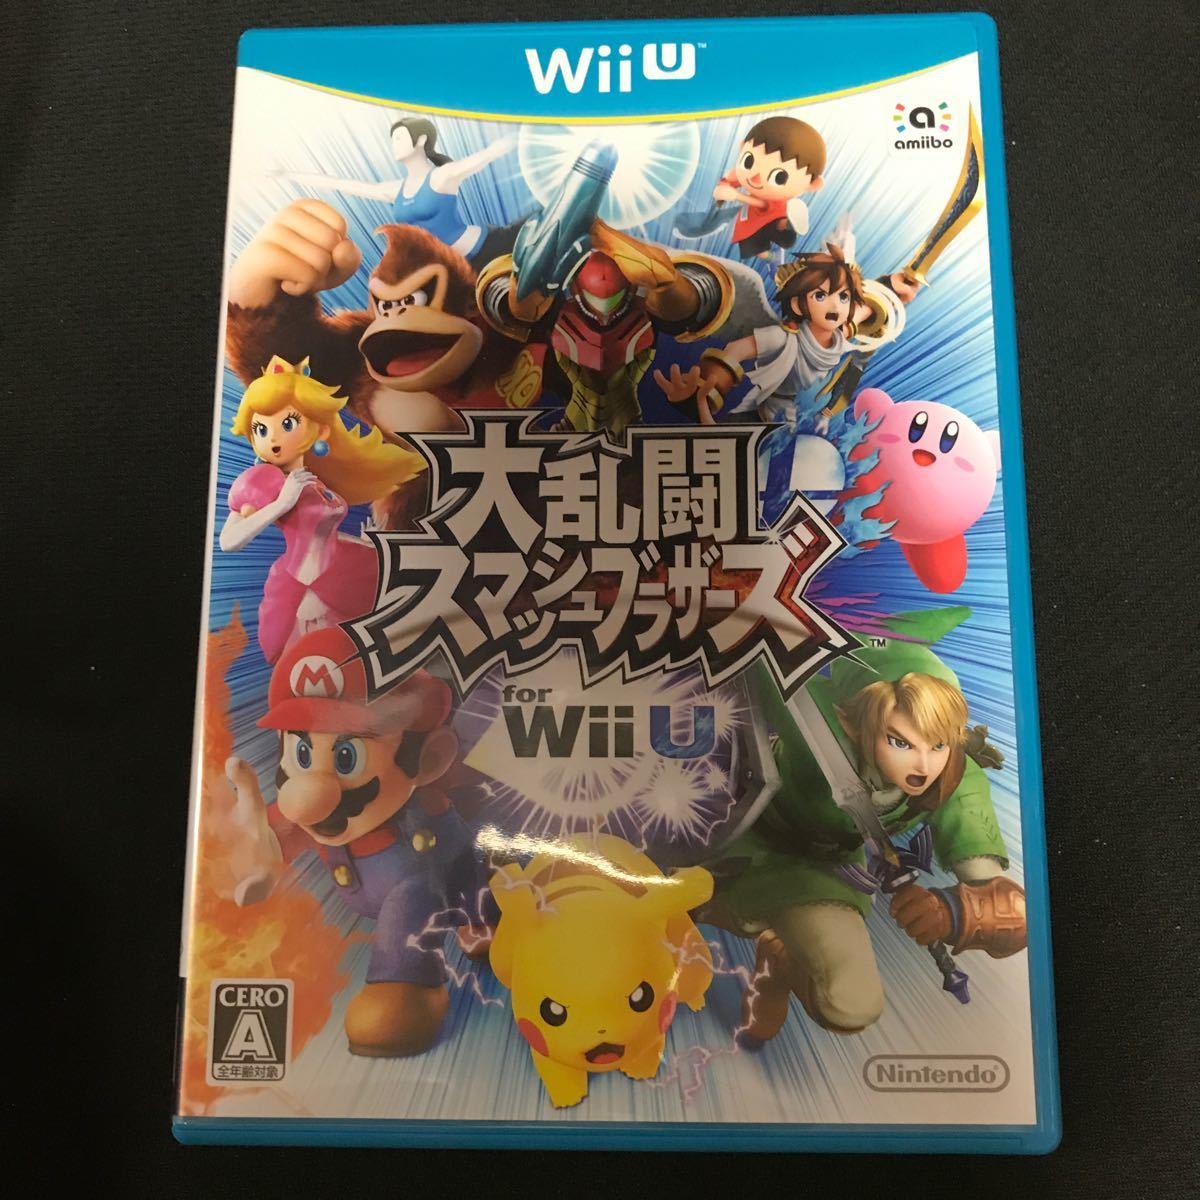 【Wii】 大乱闘スマッシュブラザーズ